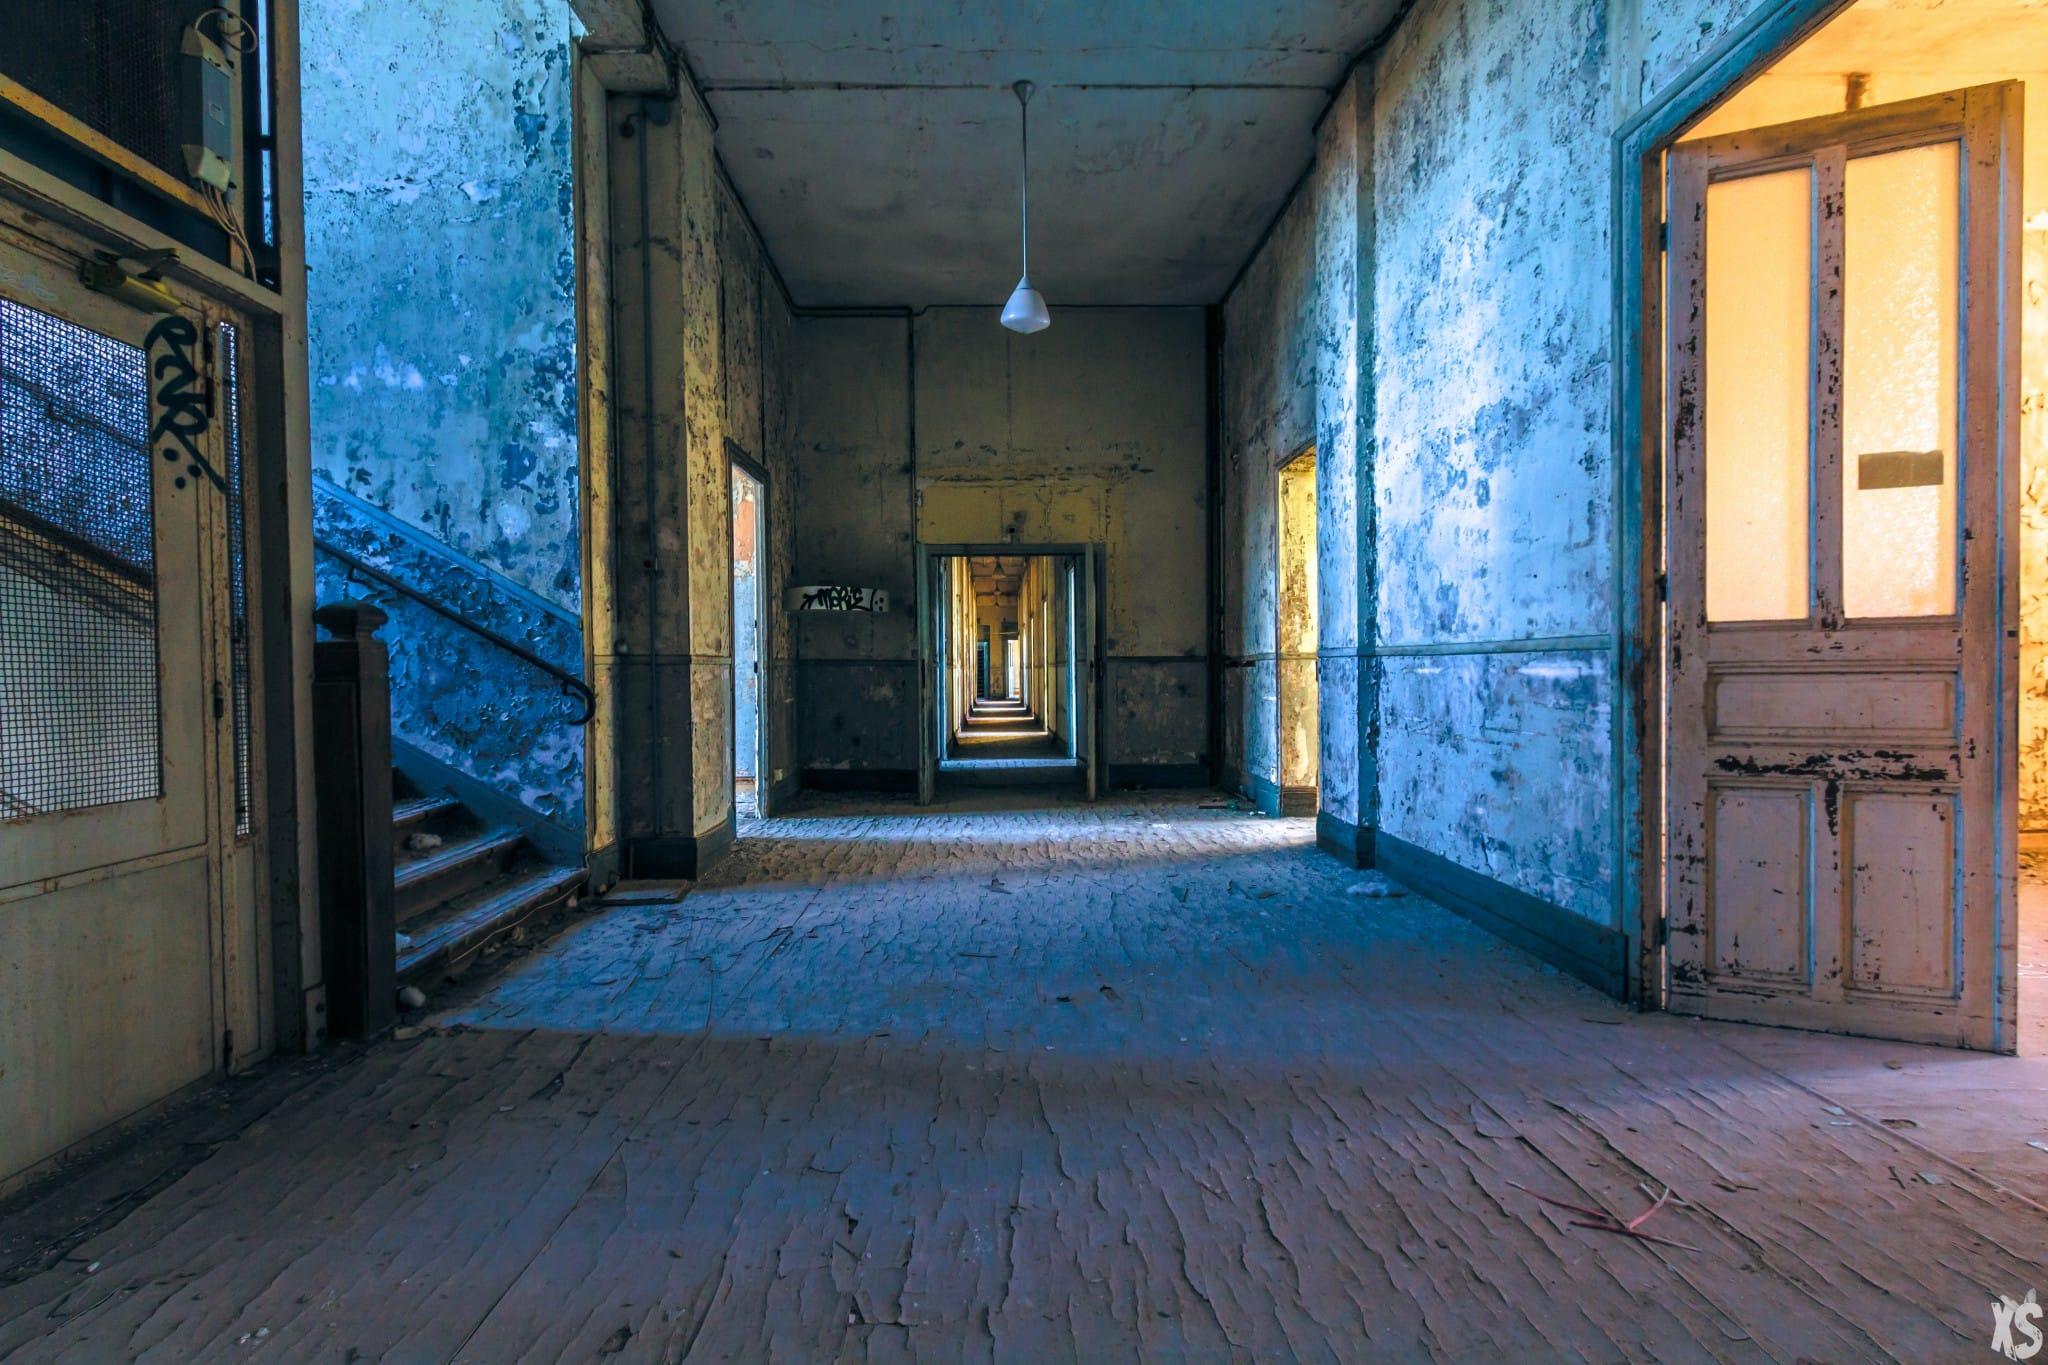 Orphelinat abandonné en France situé à Beaumont-la-Ronce | urbexsession.com/lorphelinat-emile-louis | Urbex France